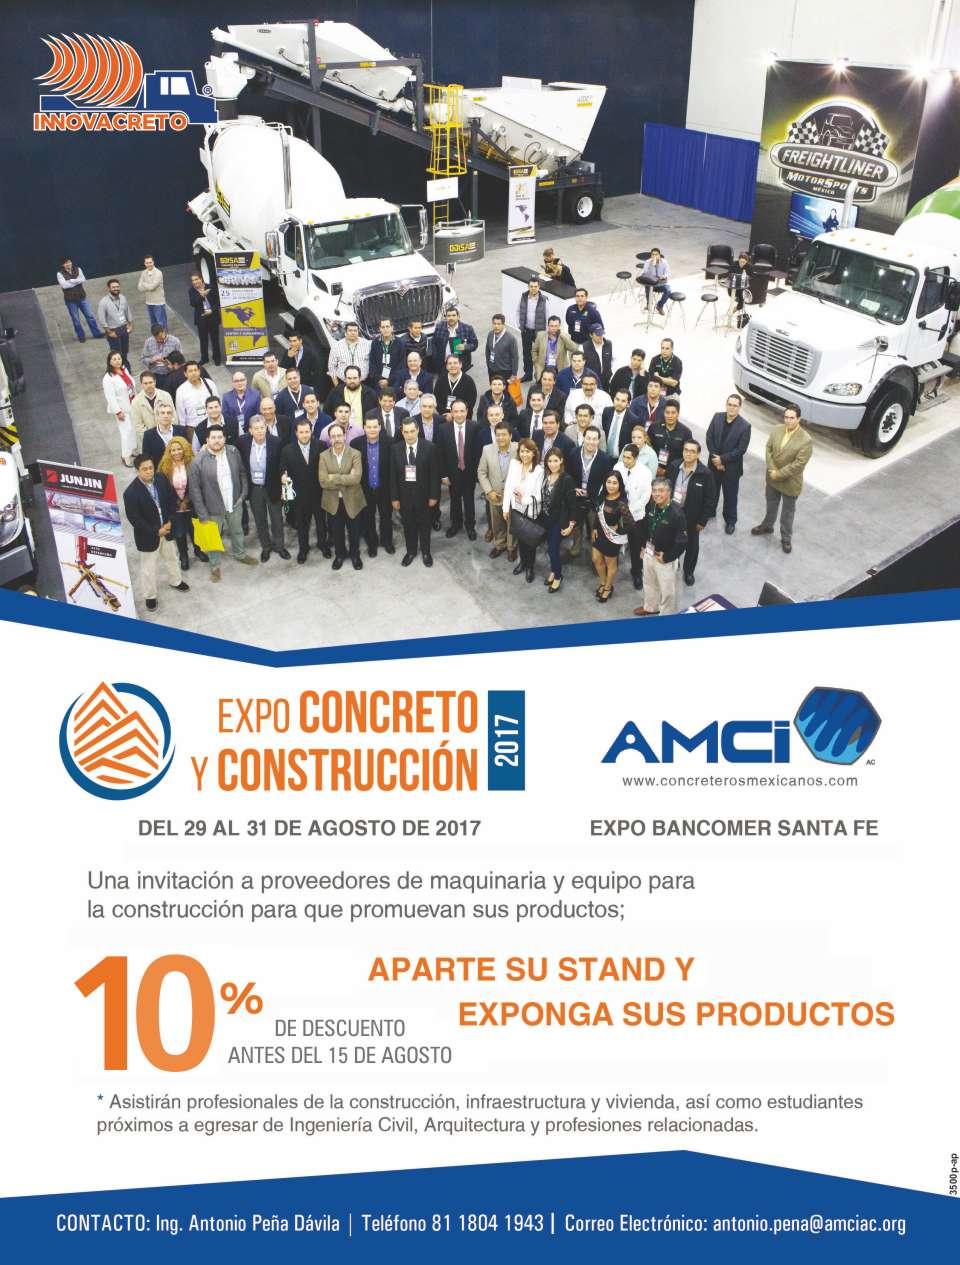 EXPO CONCRETO AMCI en expo Bancomer Santa Fe del 29 al 31 de Agosto 2017  CONGRESO AMCI  EXPO CONCRETO  ciudad de mexico